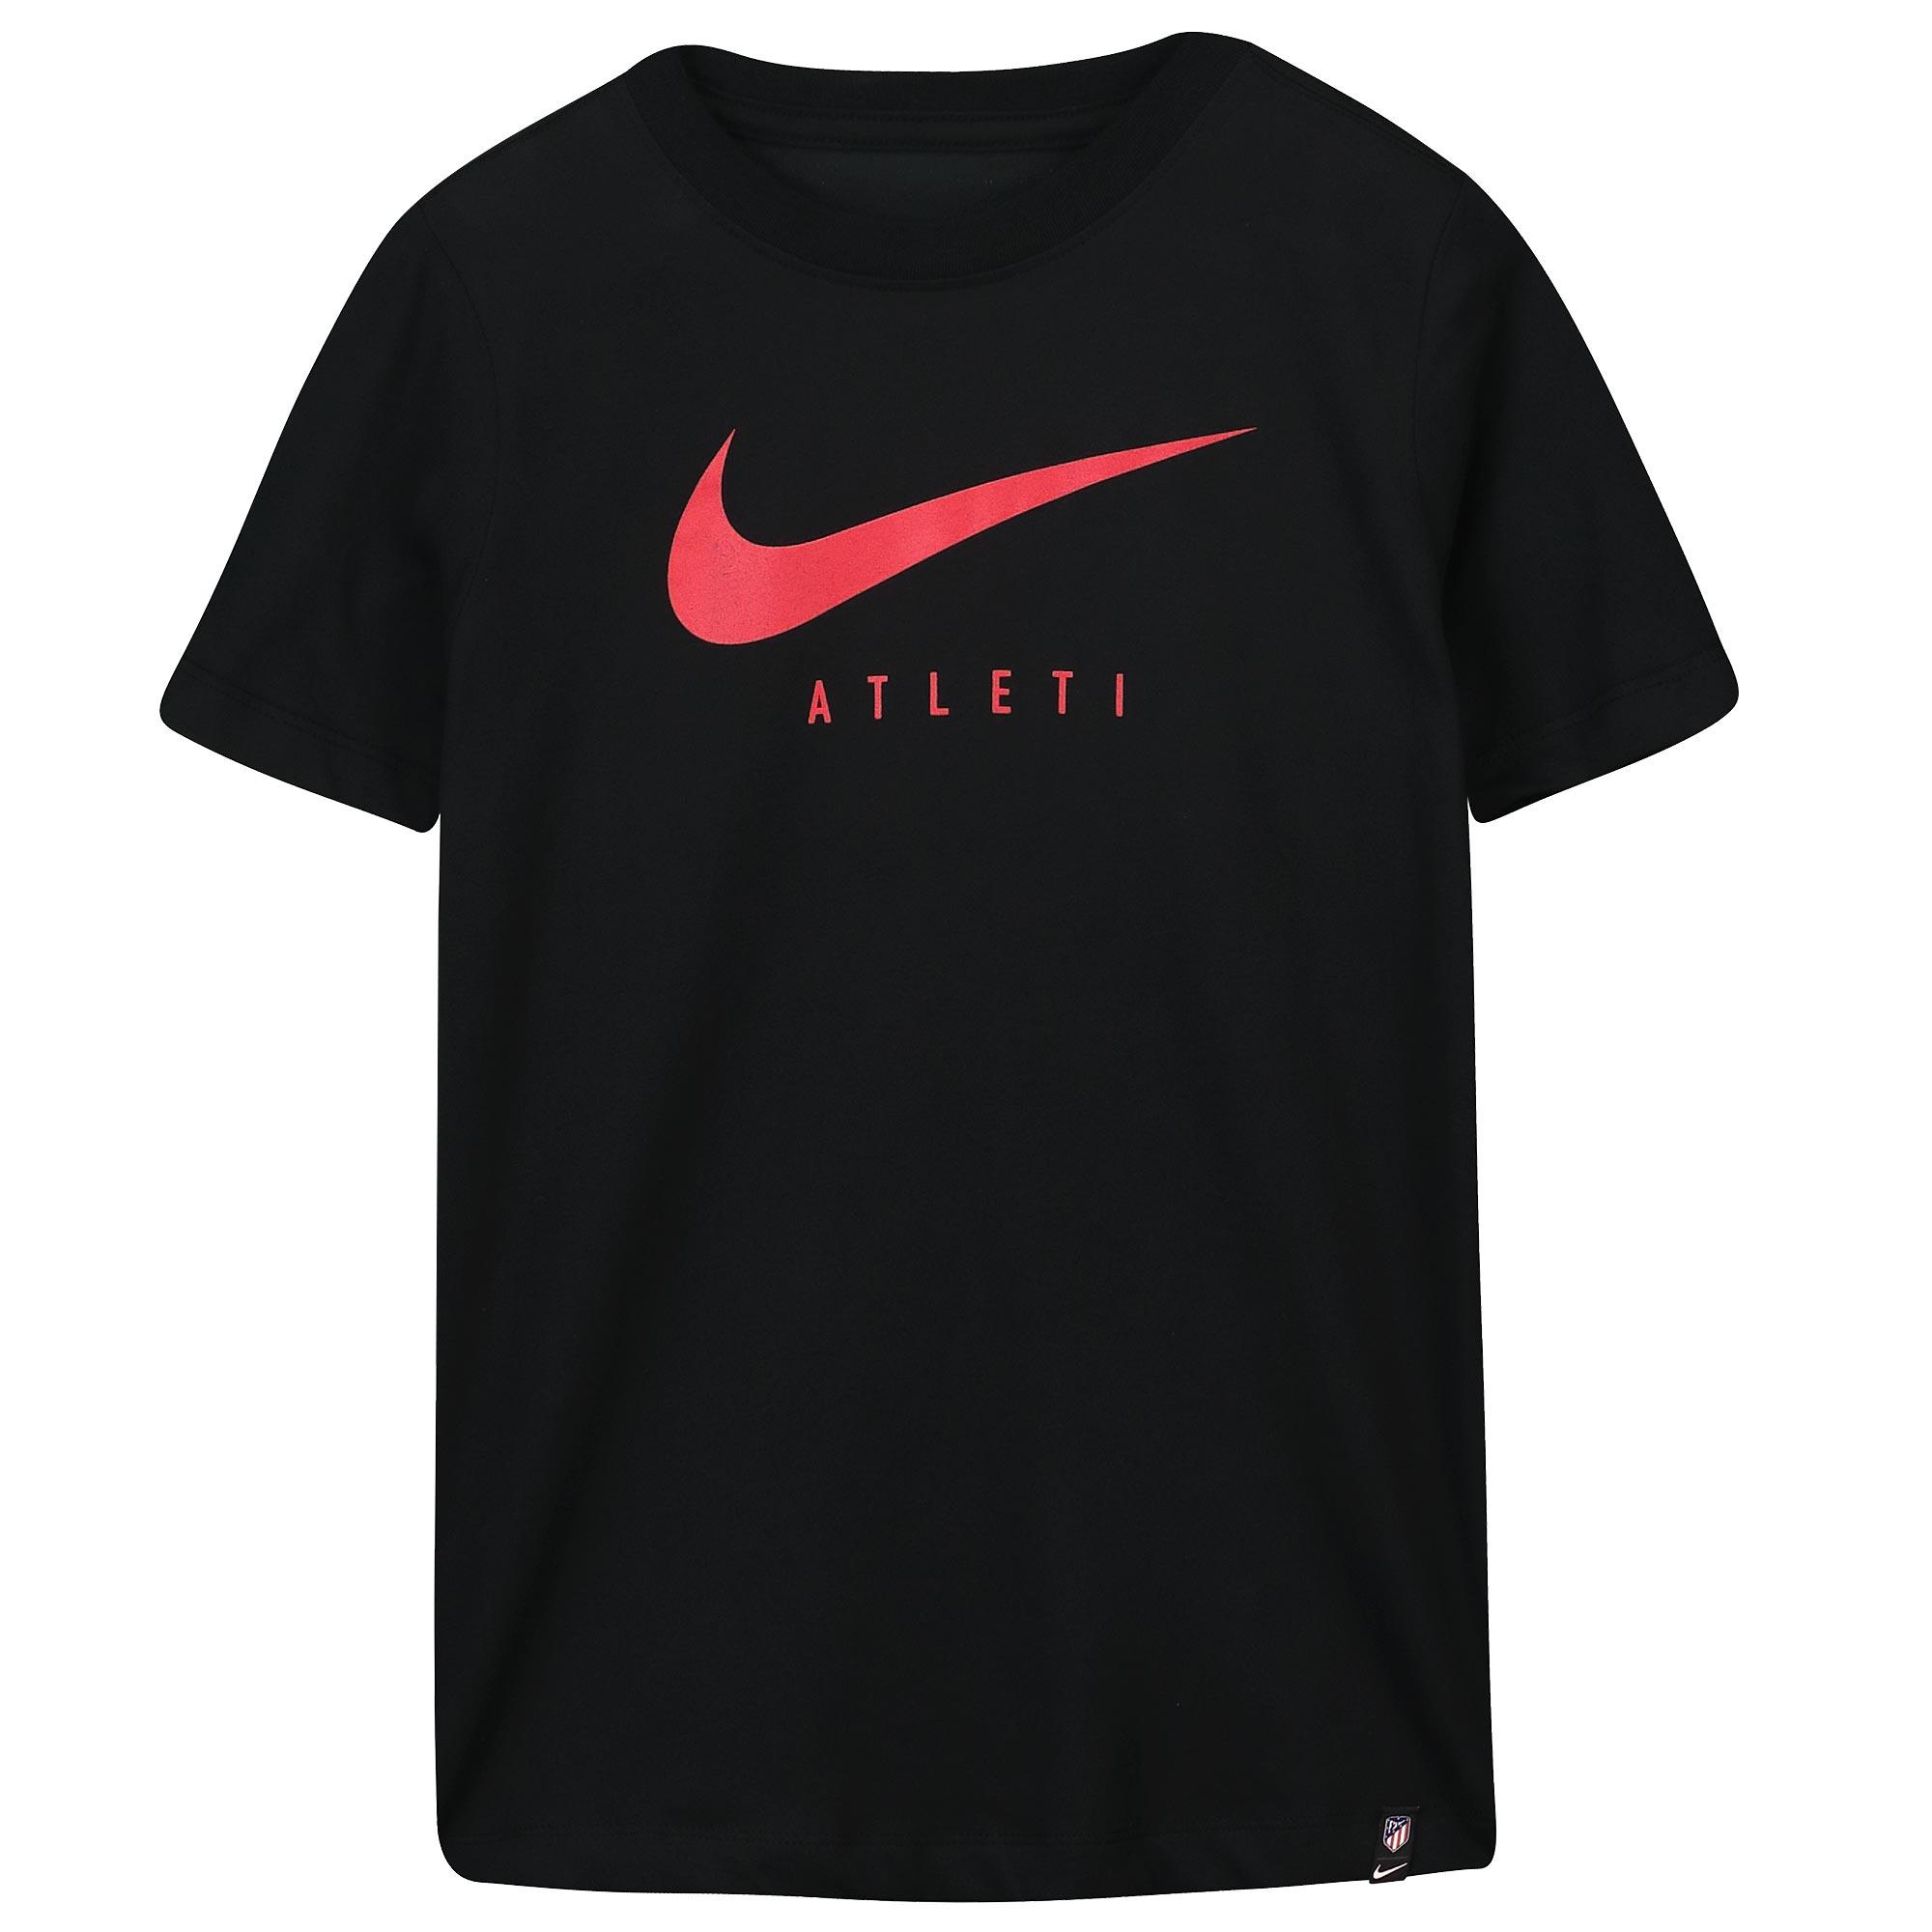 Nike / Camiseta de entrenamiento Training Ground del Atlético de Madrid en negro para niños